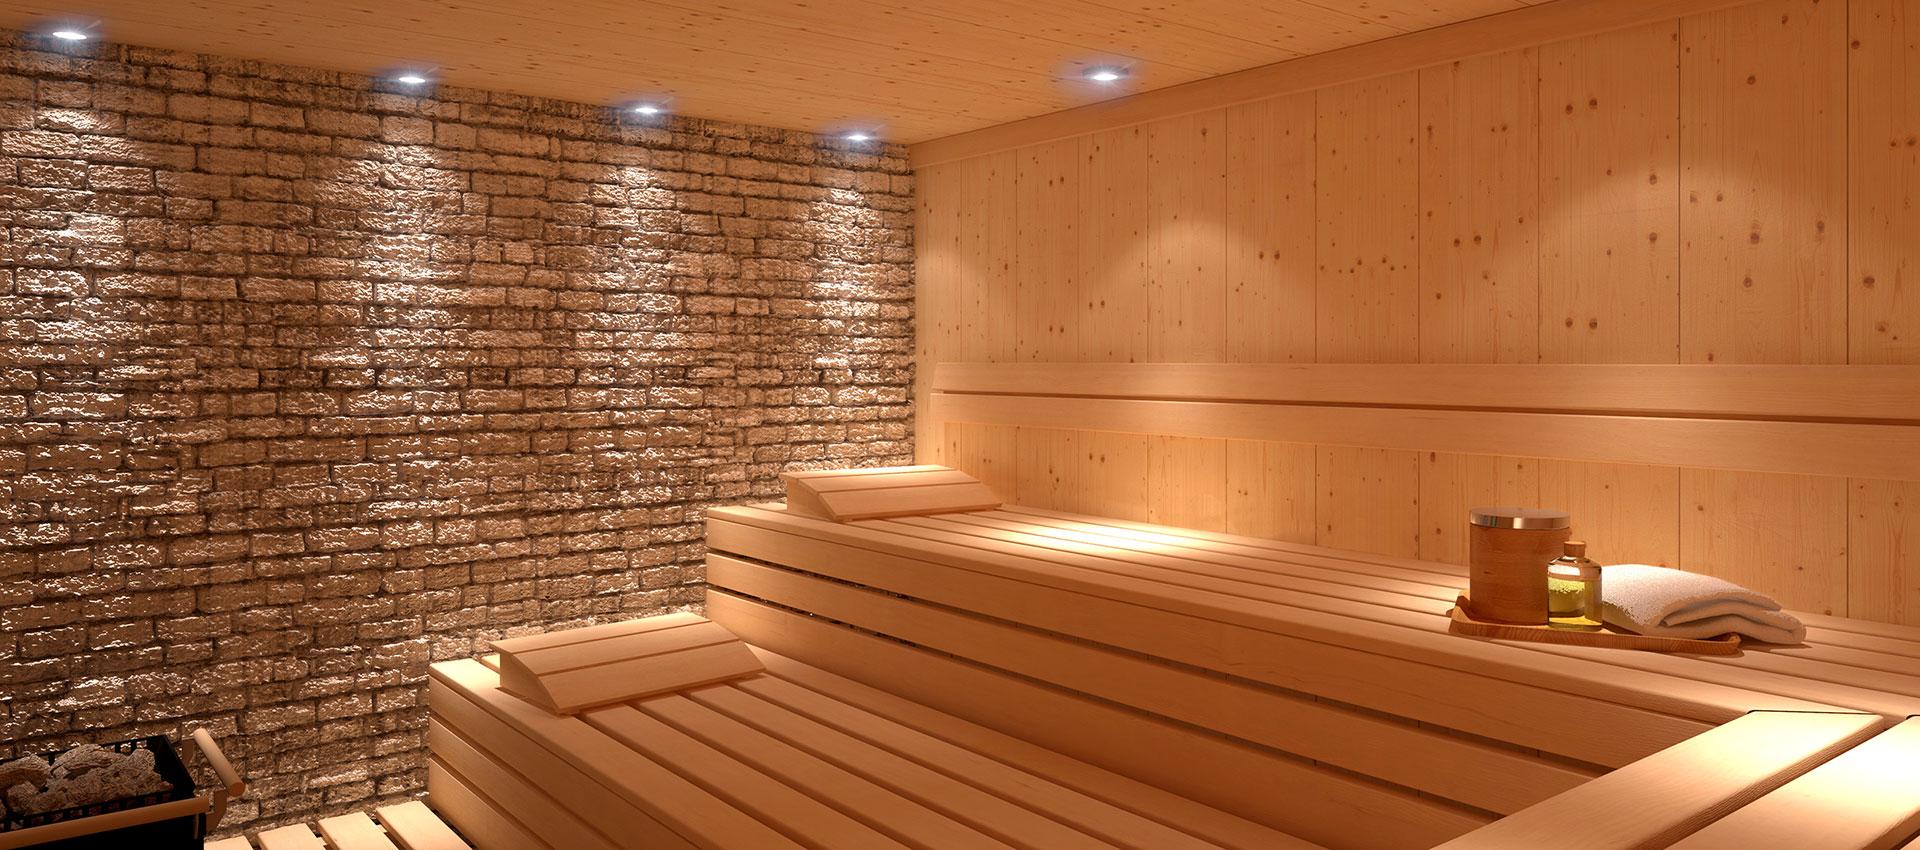 italian-wellness-realizzazione-centro-benessere-sauna